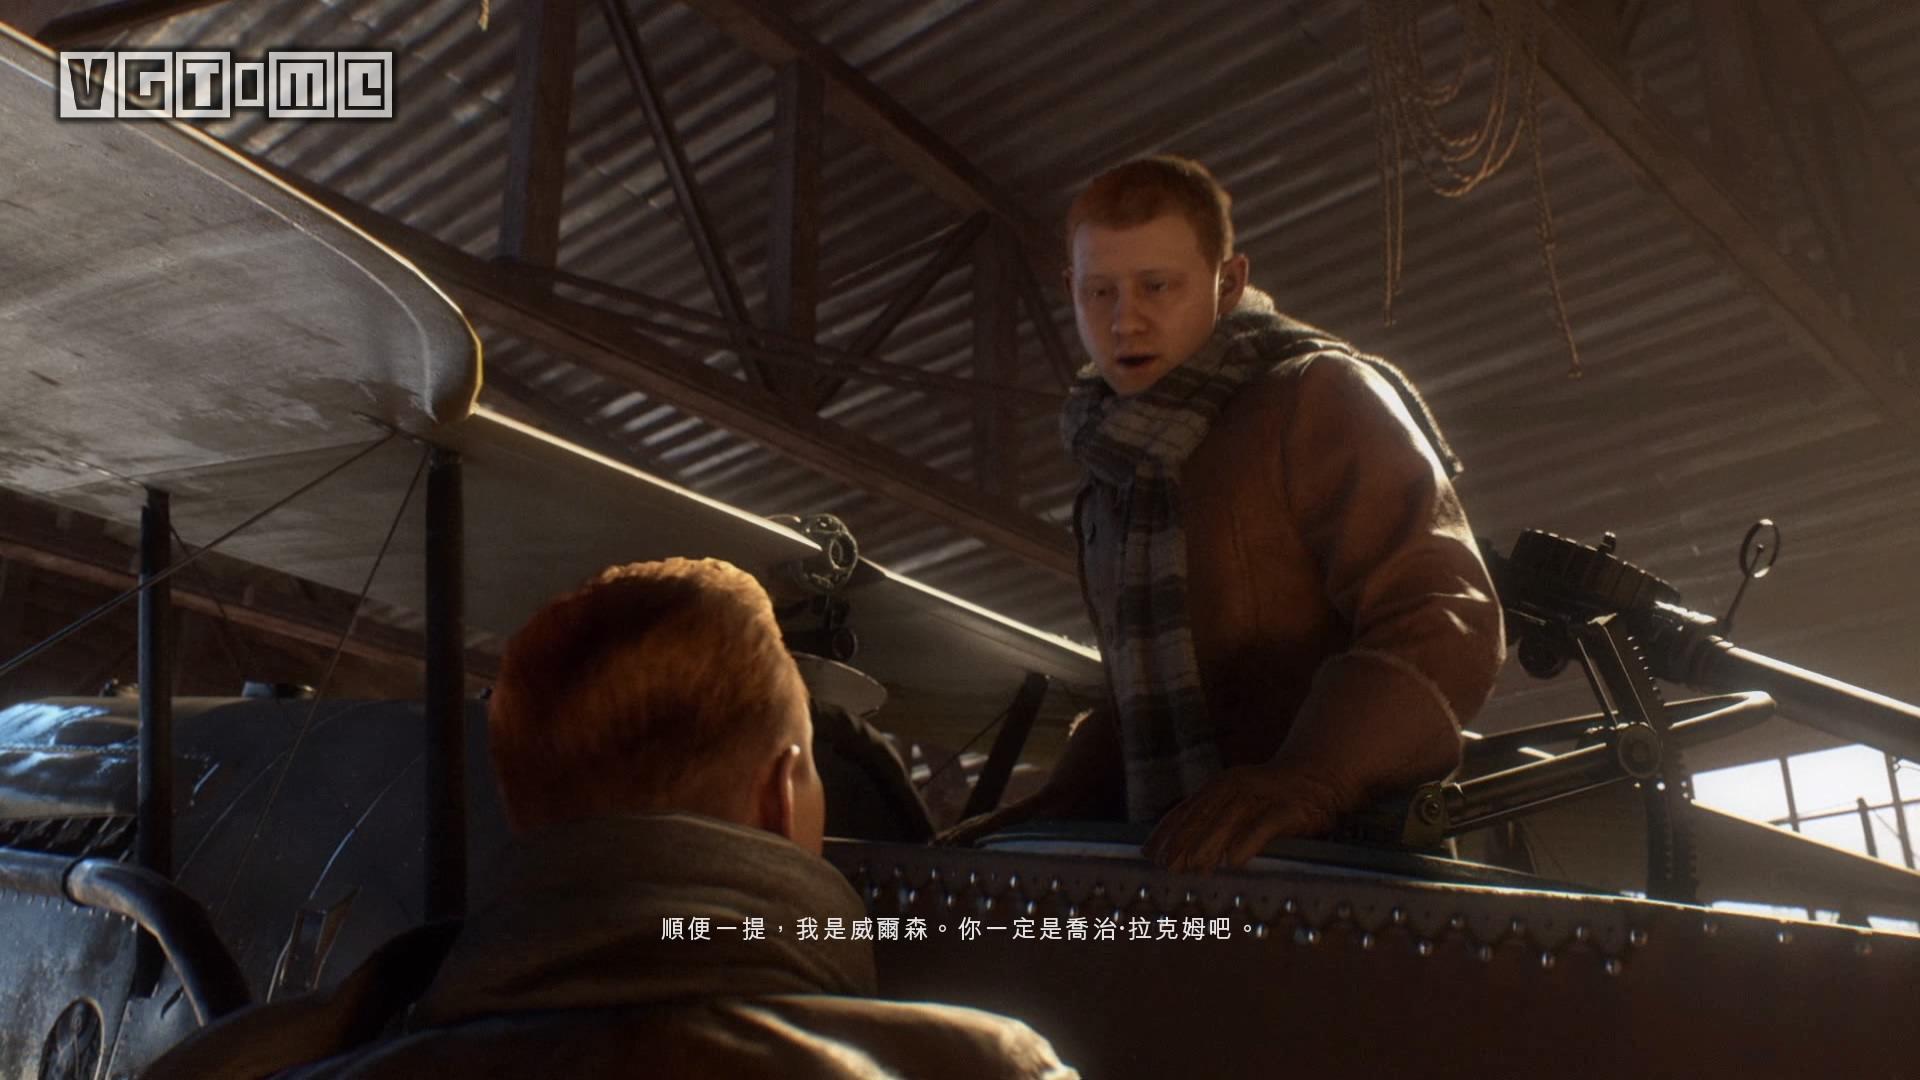 如何评价《战地 1》的游戏体验?